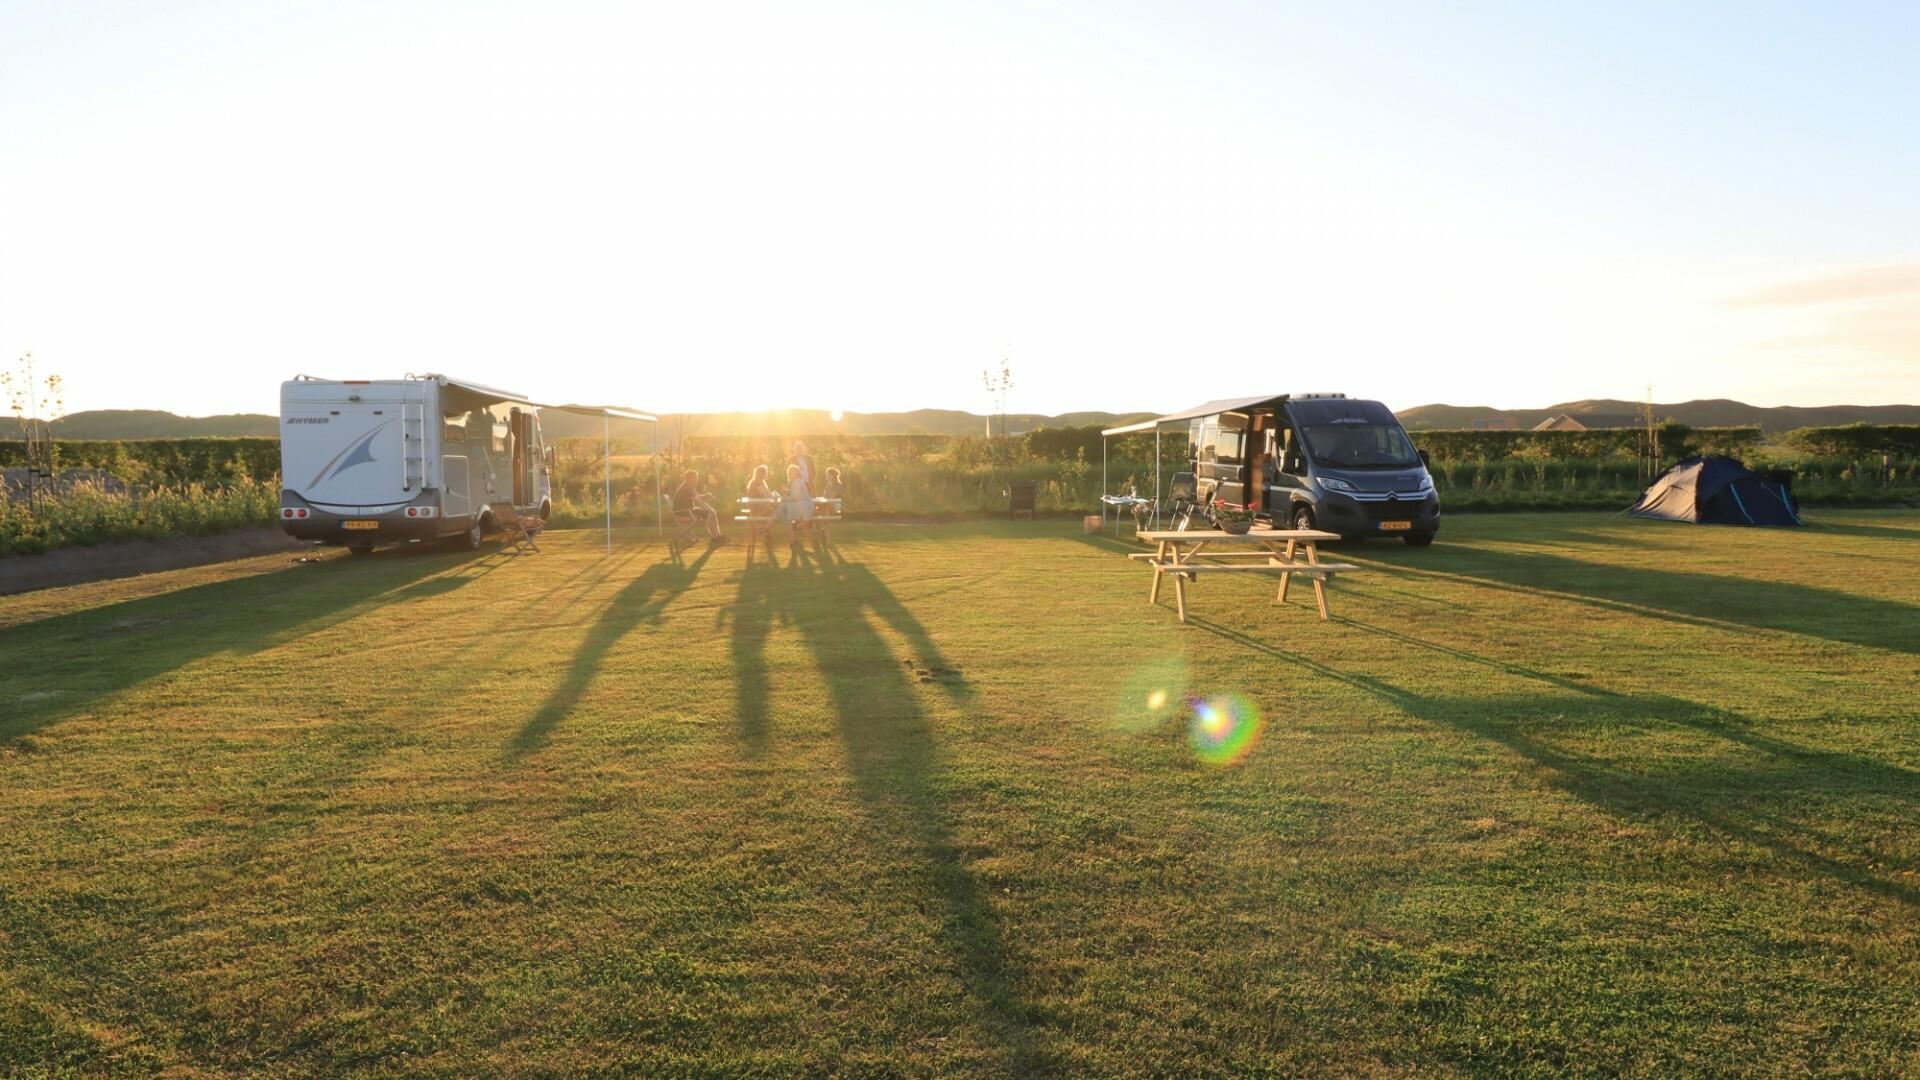 Camping Slufterhoeve boerencamping met camperplaatsen